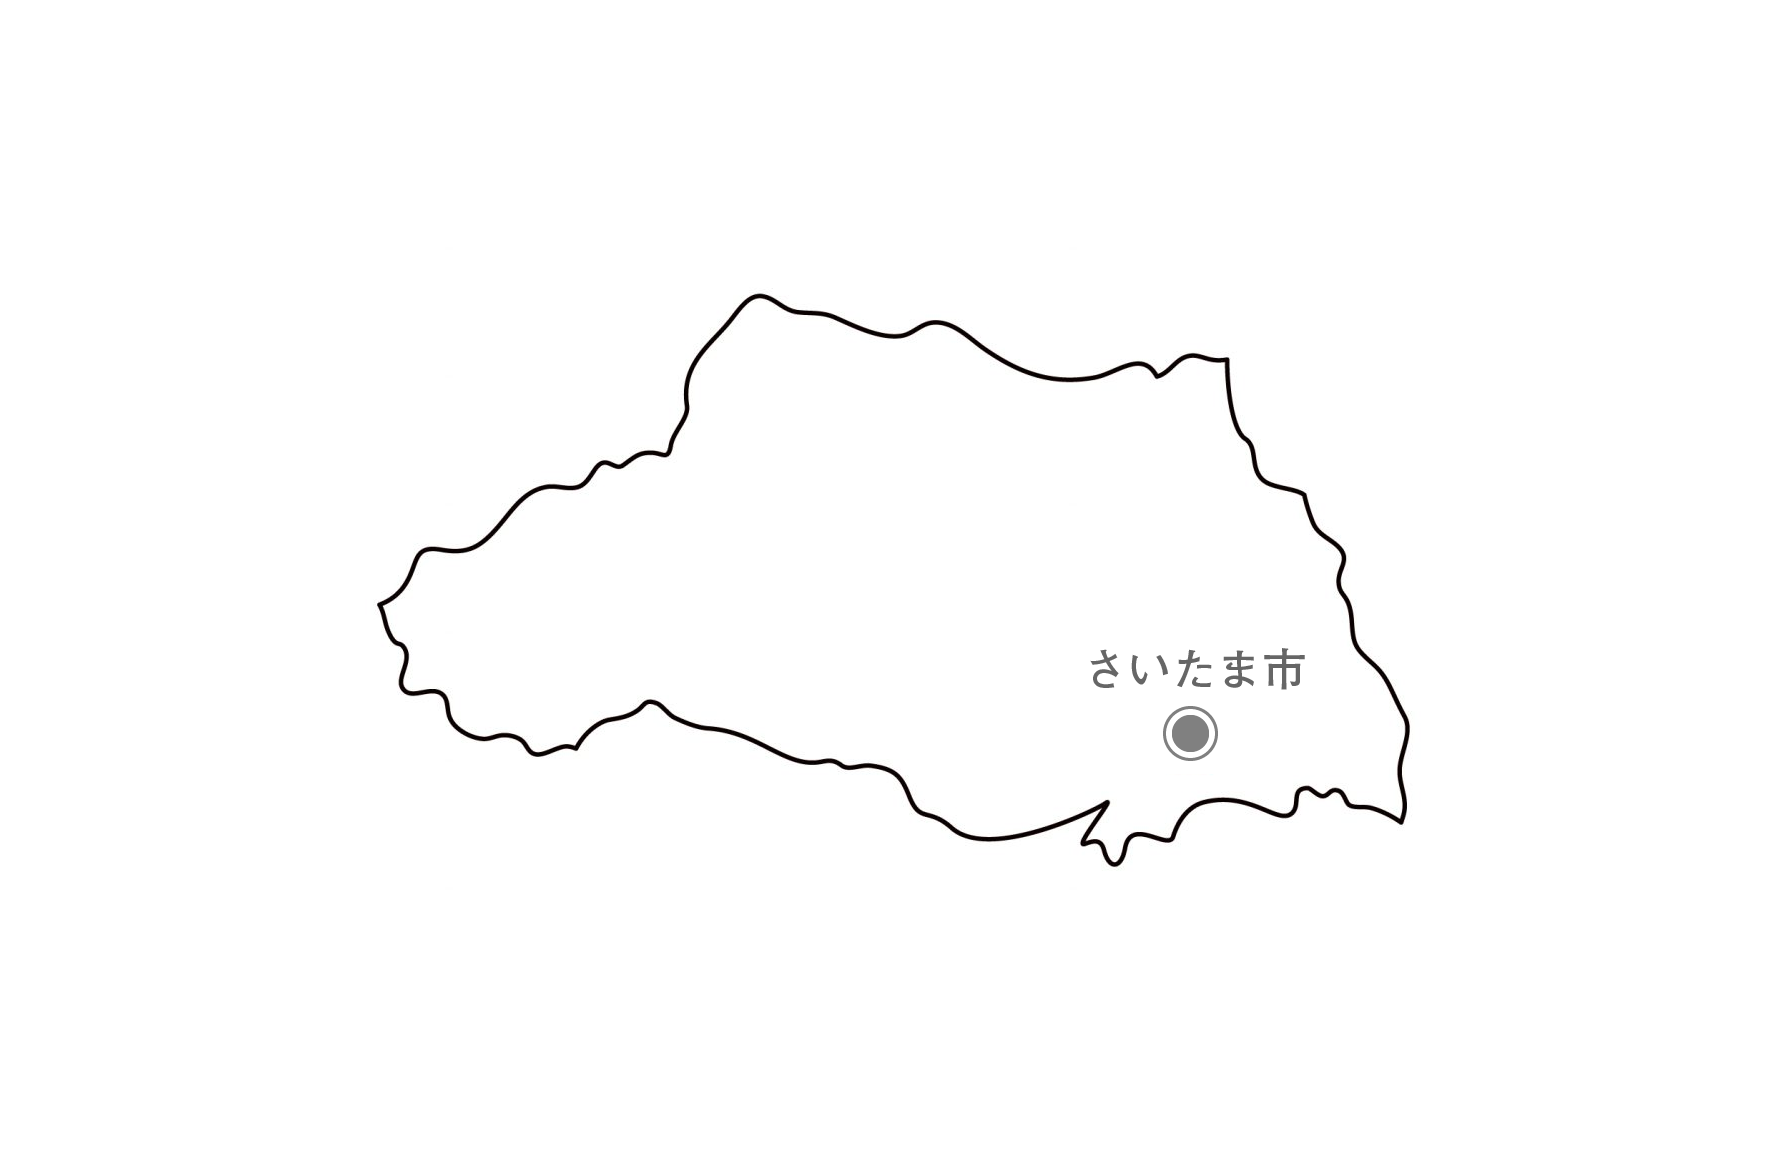 [白地図]埼玉県・都道府県名・県庁所在地あり